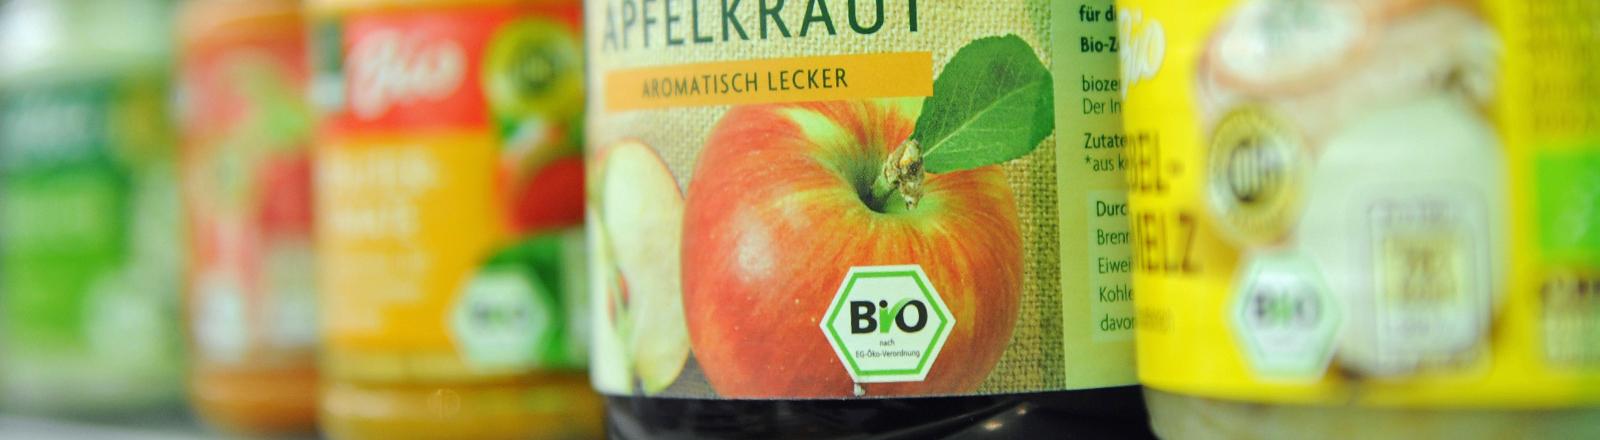 Bio-Produkte in Gläsern stehen am 10.01.2014 in einem Supermarkt.